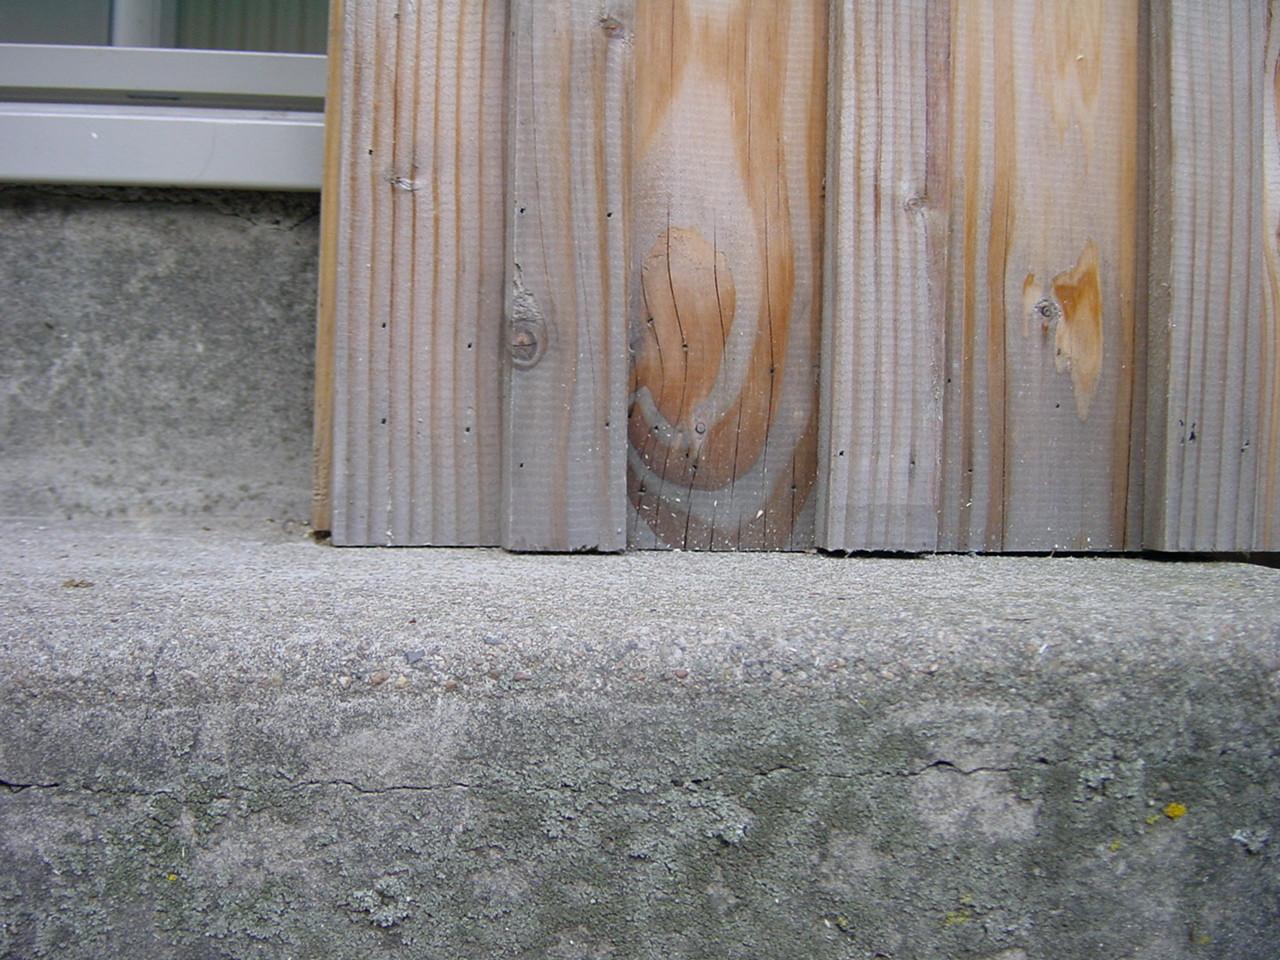 Bardage en contact sur appui béton : rétention d'eau par capillarité (4)